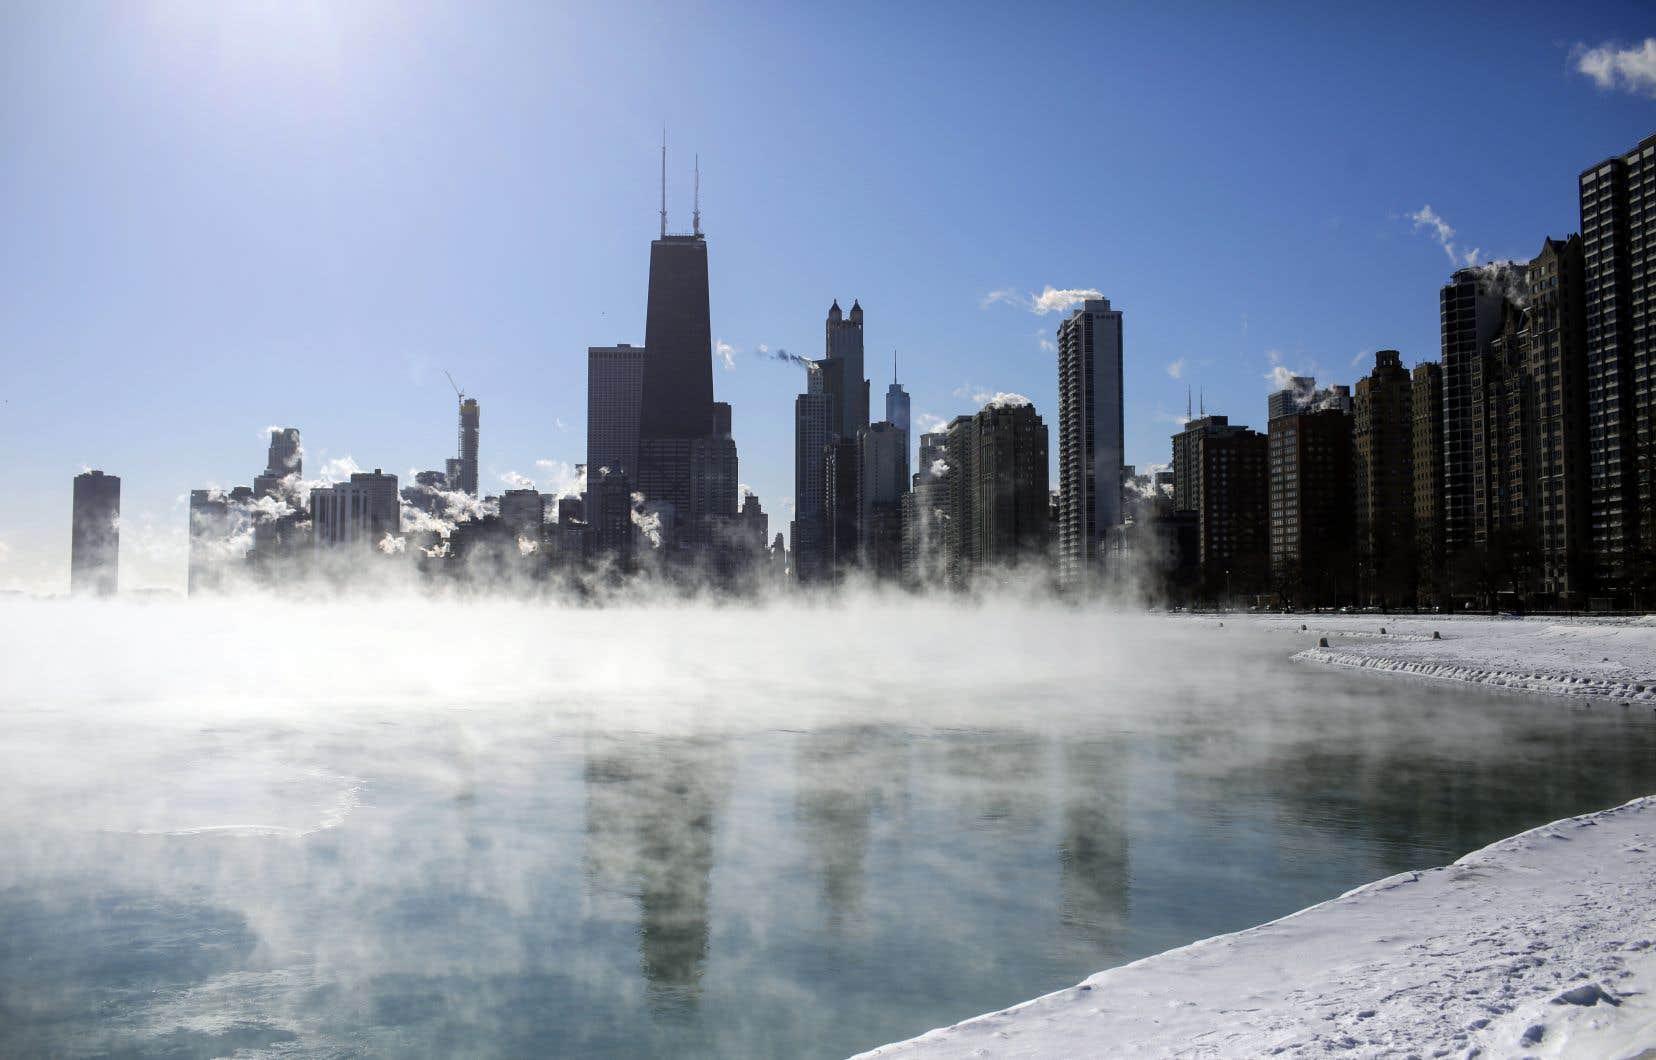 Les rives du lac Michigan sont recouvertes d'une brume provoquée par la différence de température entre l'air et l'eau.